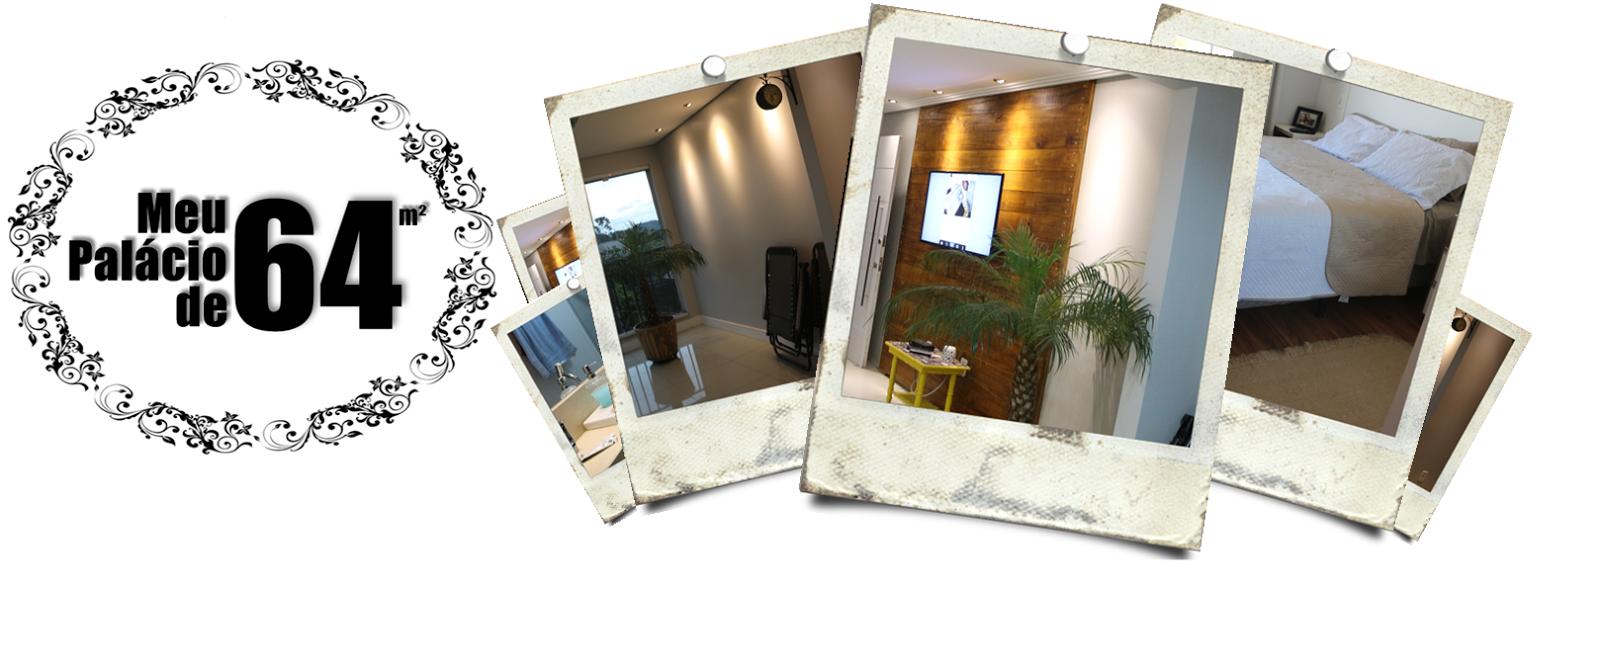 Meu Palácio de 64m²